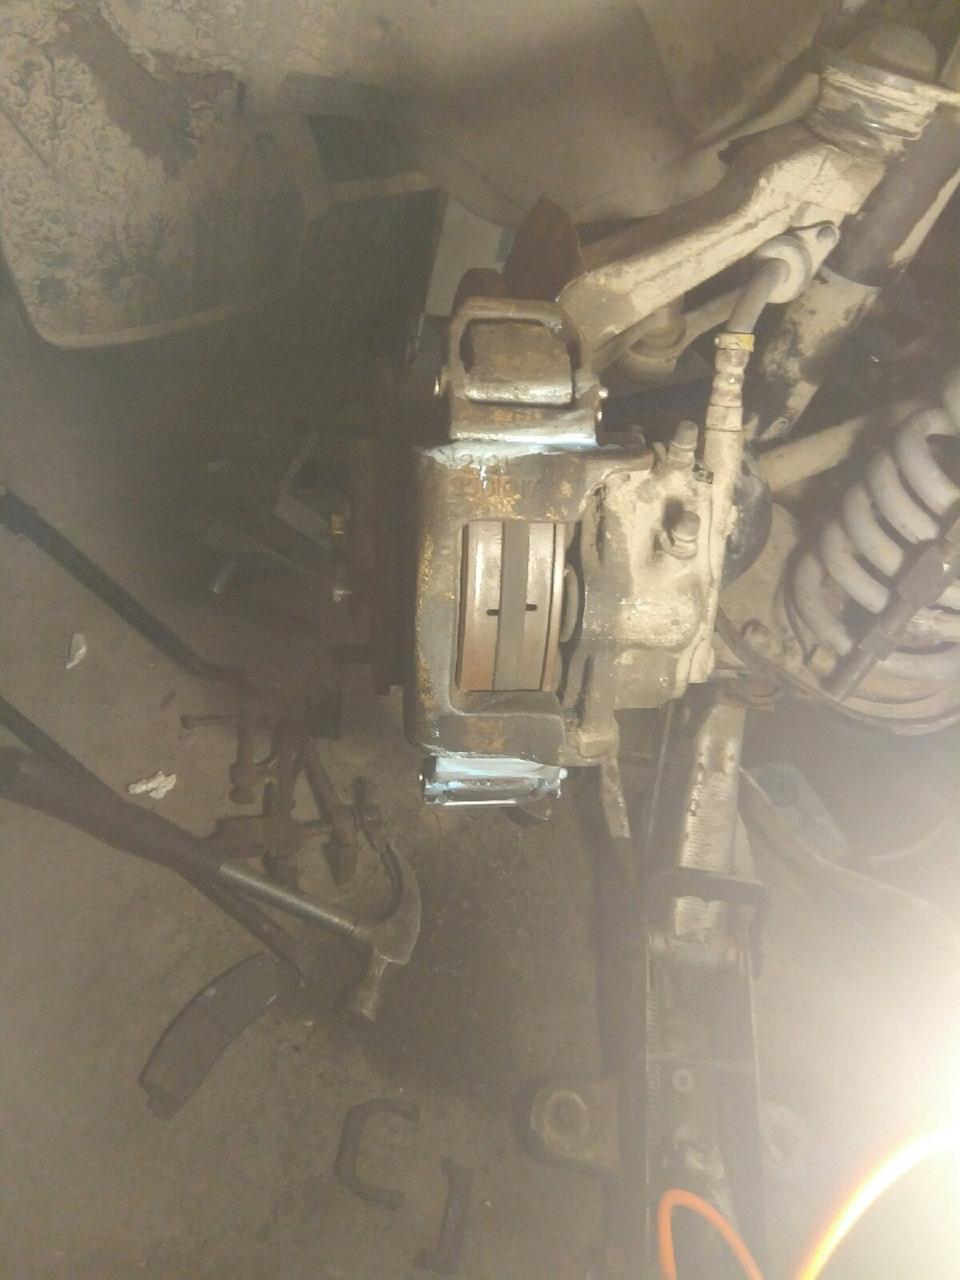 9wAAAgMQauA 960 - Крепление суппорта нива шевроле